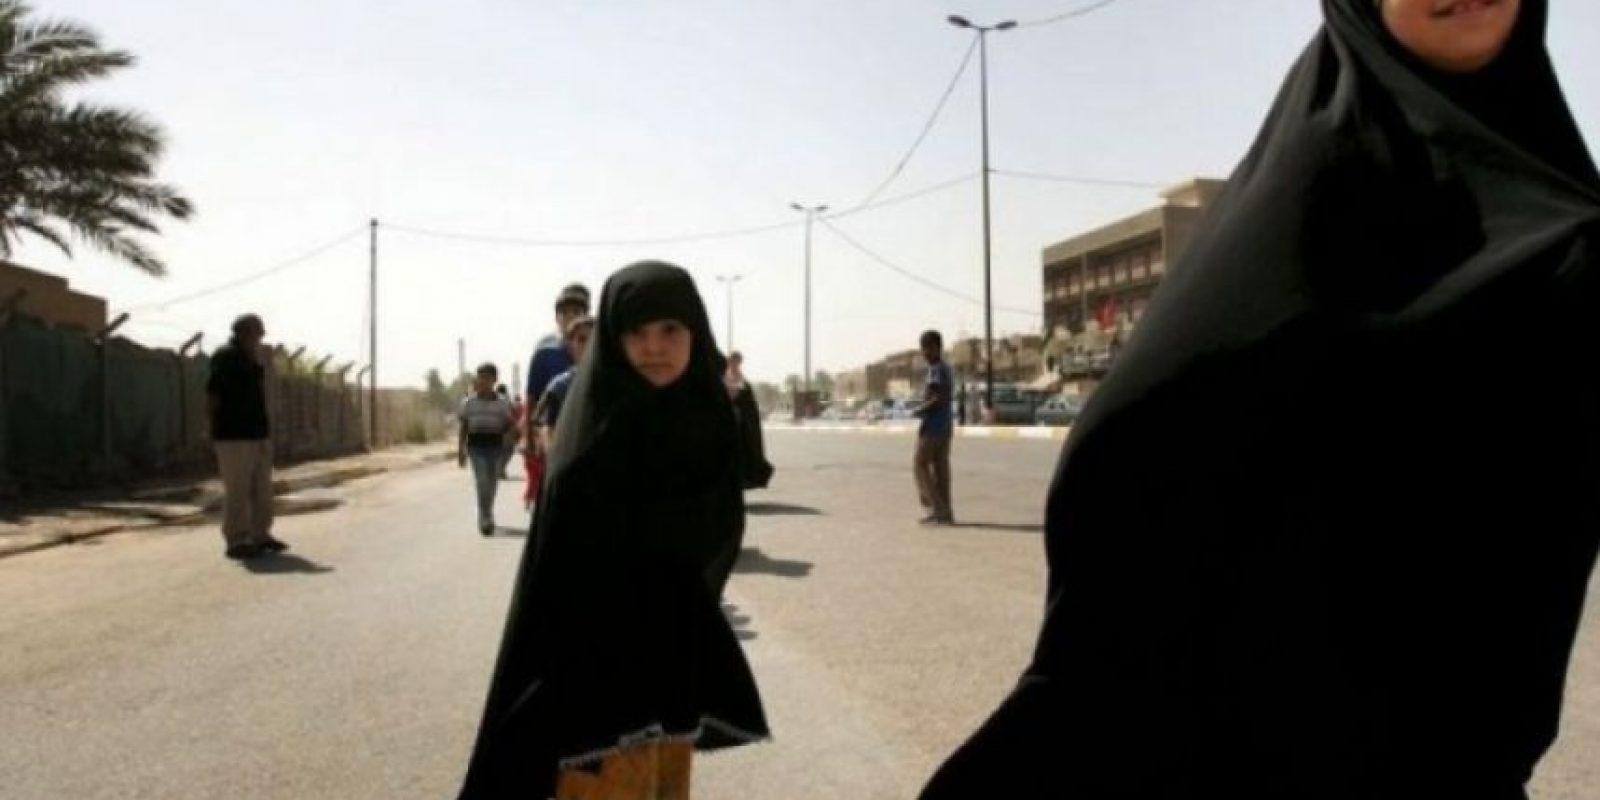 Entre 10 y 20 años: 150 mil dinares (129.09 dólares) Foto:Getty Images